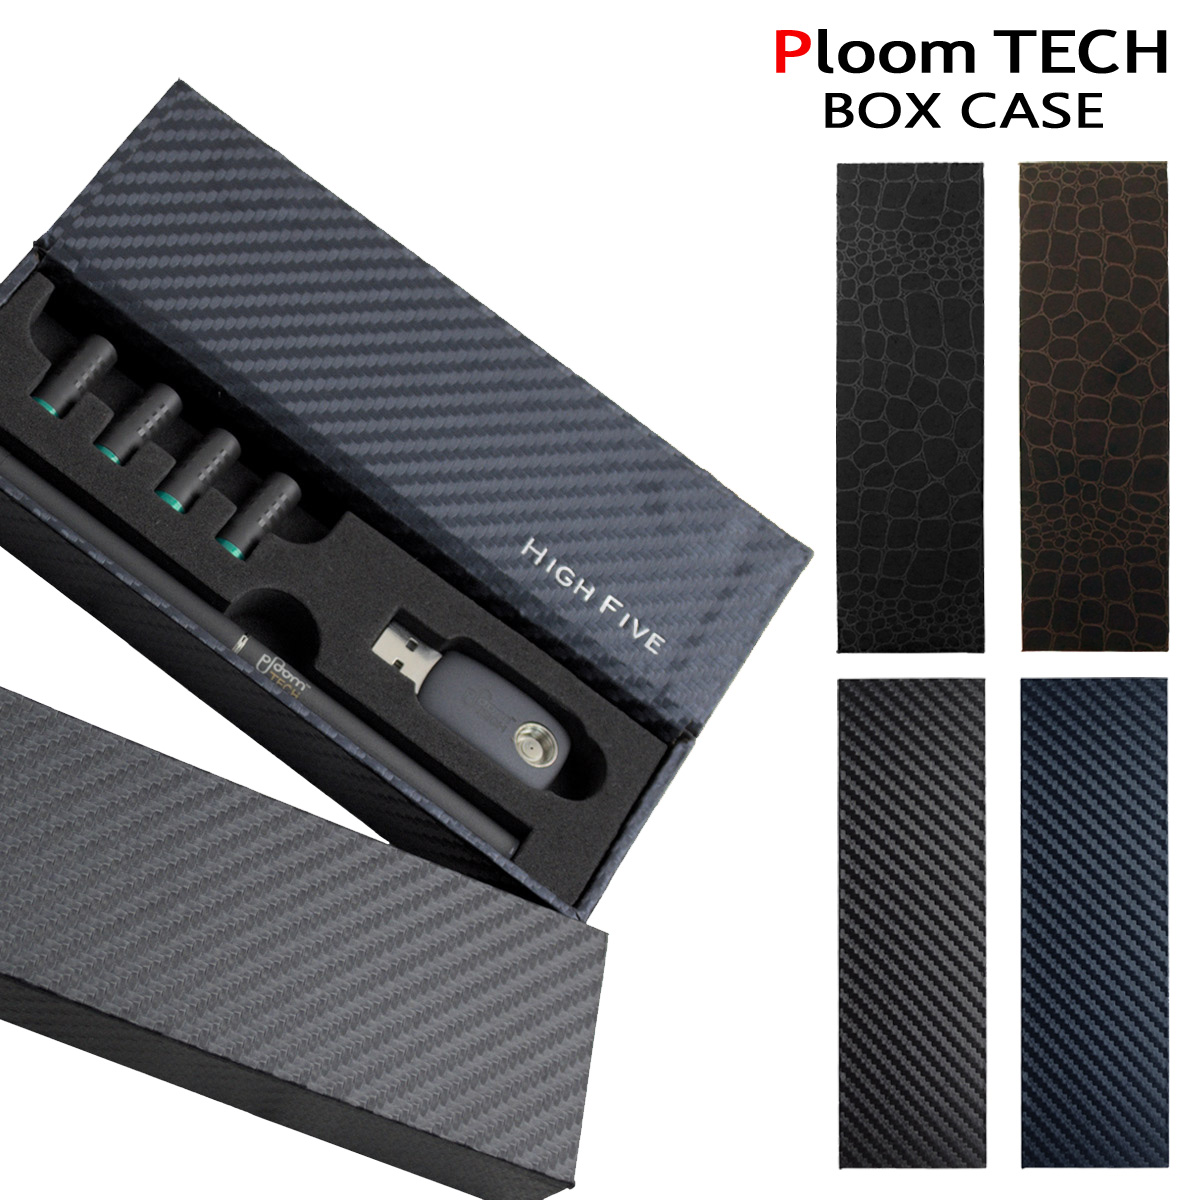 メール便送料無料 プルームテック 買い物 ケース Ploom TECH かわいい スマート レザーケース プルームテックケース 送料無料 オールインワン FIVE 4カラー カーボンレザー コンパクトボックスタイプ 開催中 クロコダイル型押し fl-sg023 HIGH